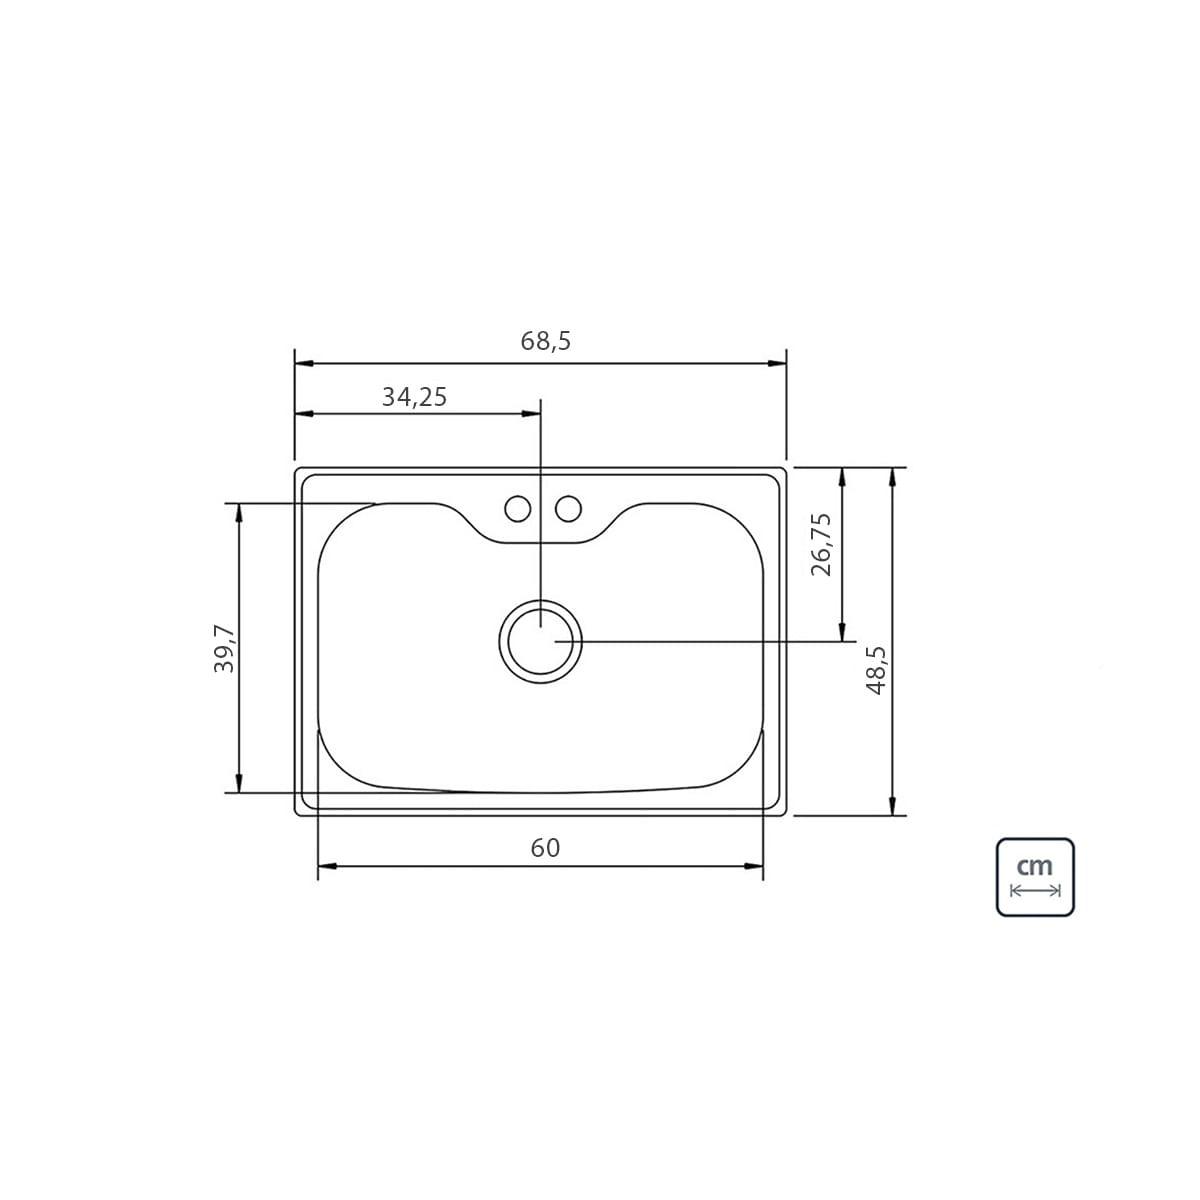 Cuba de Sobrepor Tramontina Morgana em Aço Inox 69 x 49 cm com Lixeira de Embutir 5 L Tábua de Madeira Dosador de Sabão Cesto Coador e Válvula